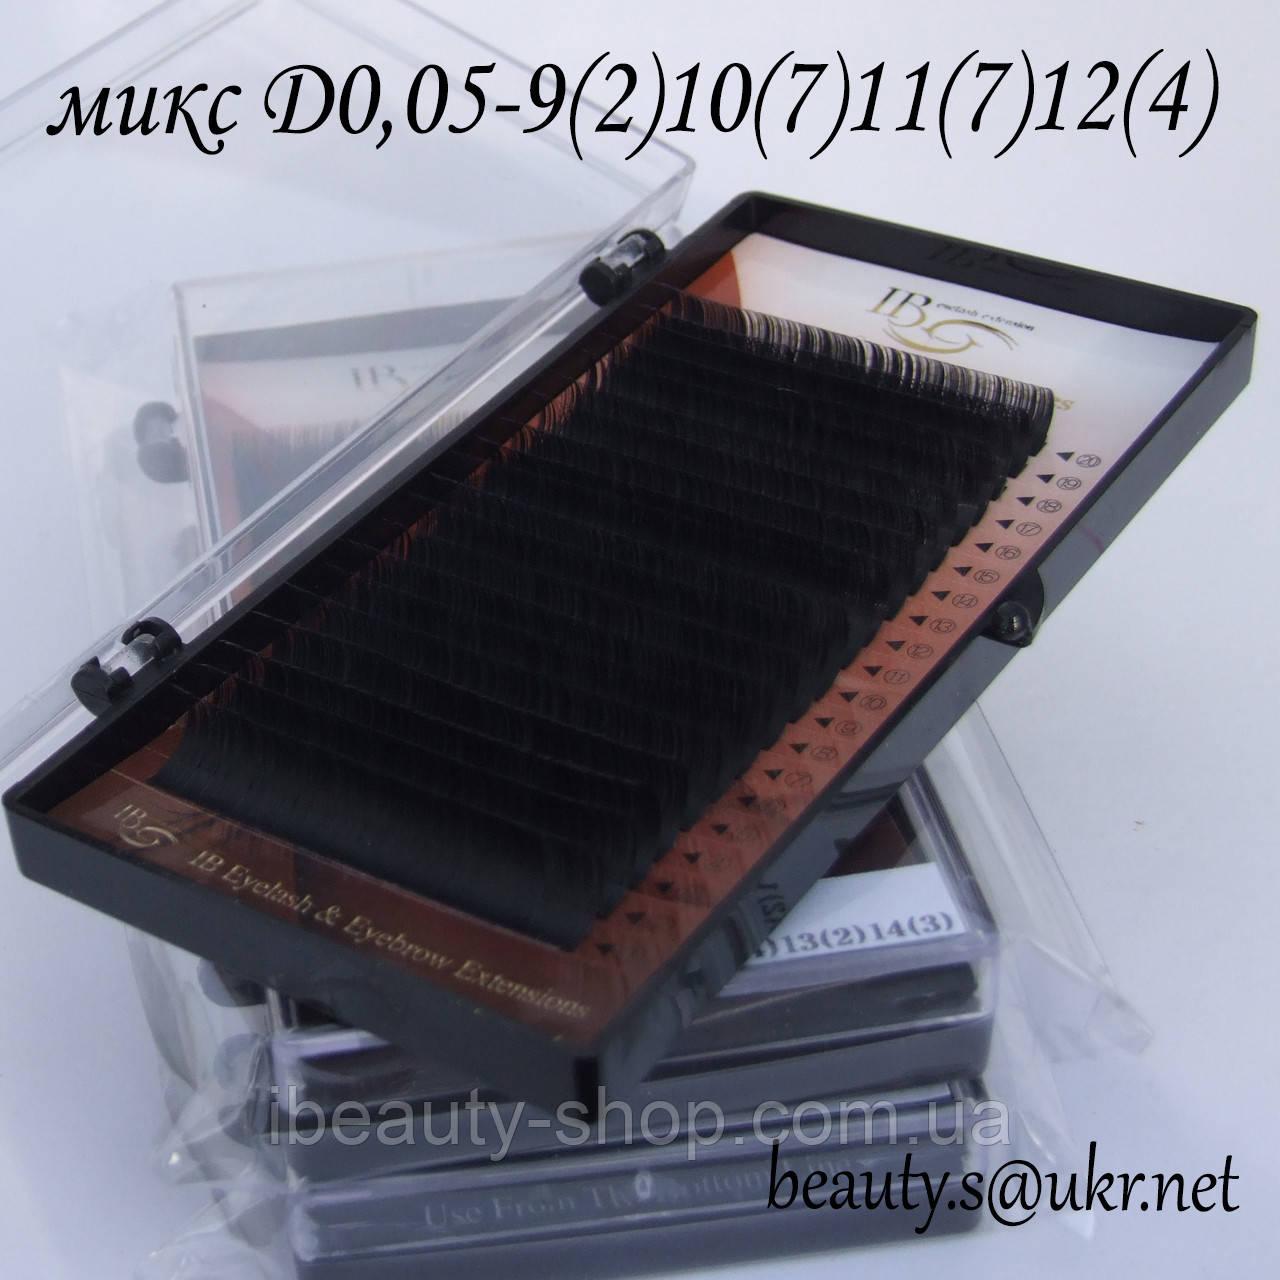 Ресницы I-Beauty микс D-0,05 9-12мм